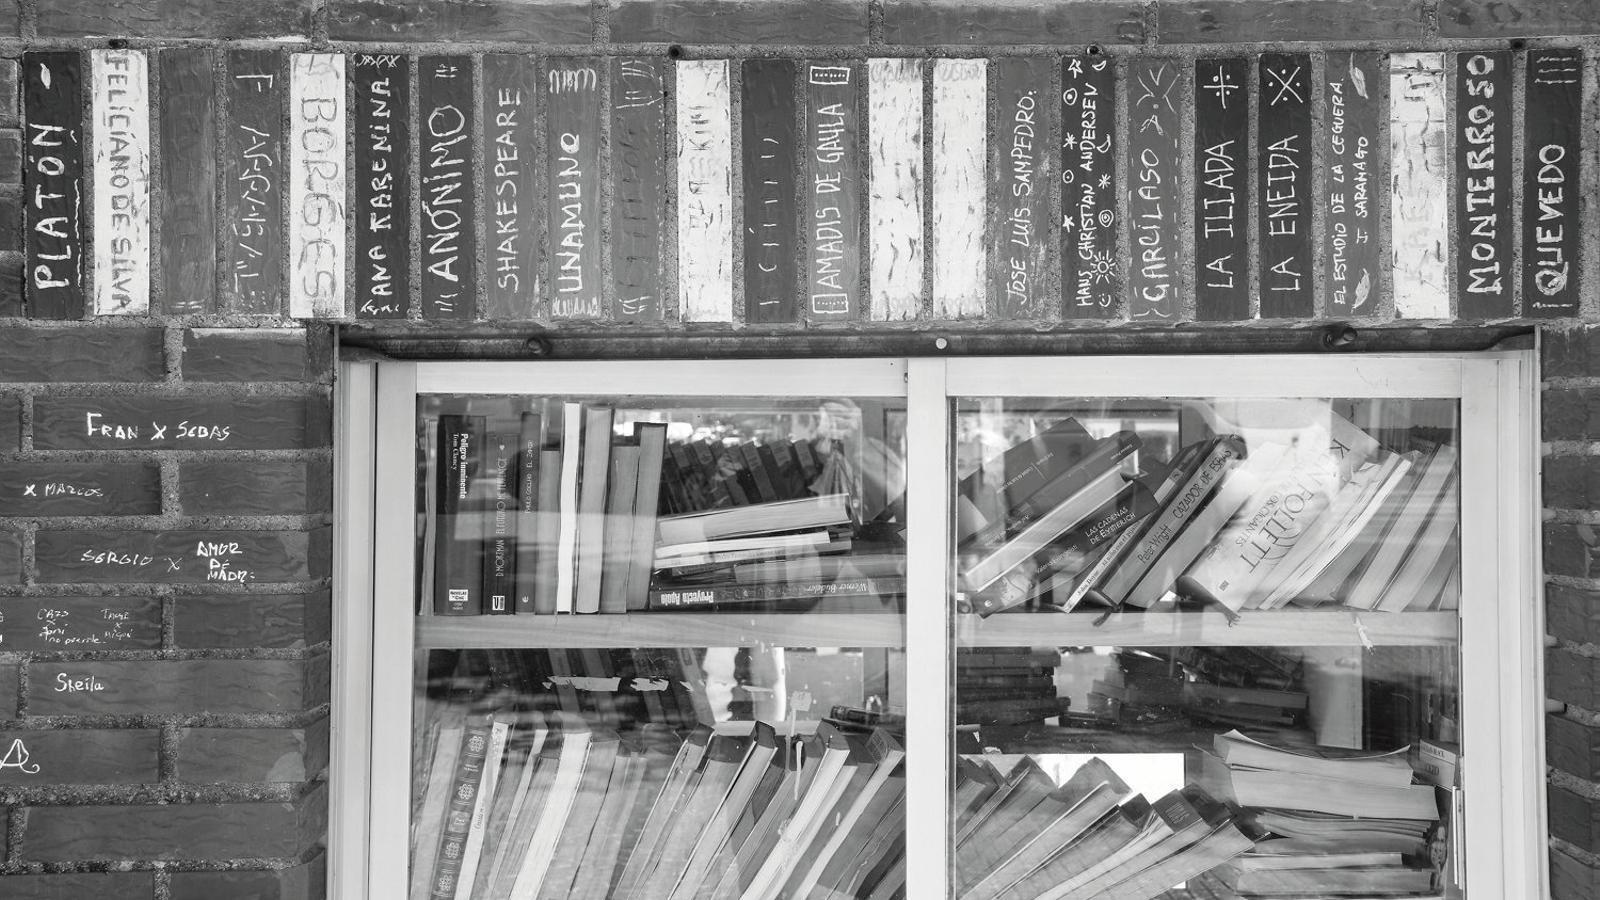 Què llegeixen   Els filòsofs?